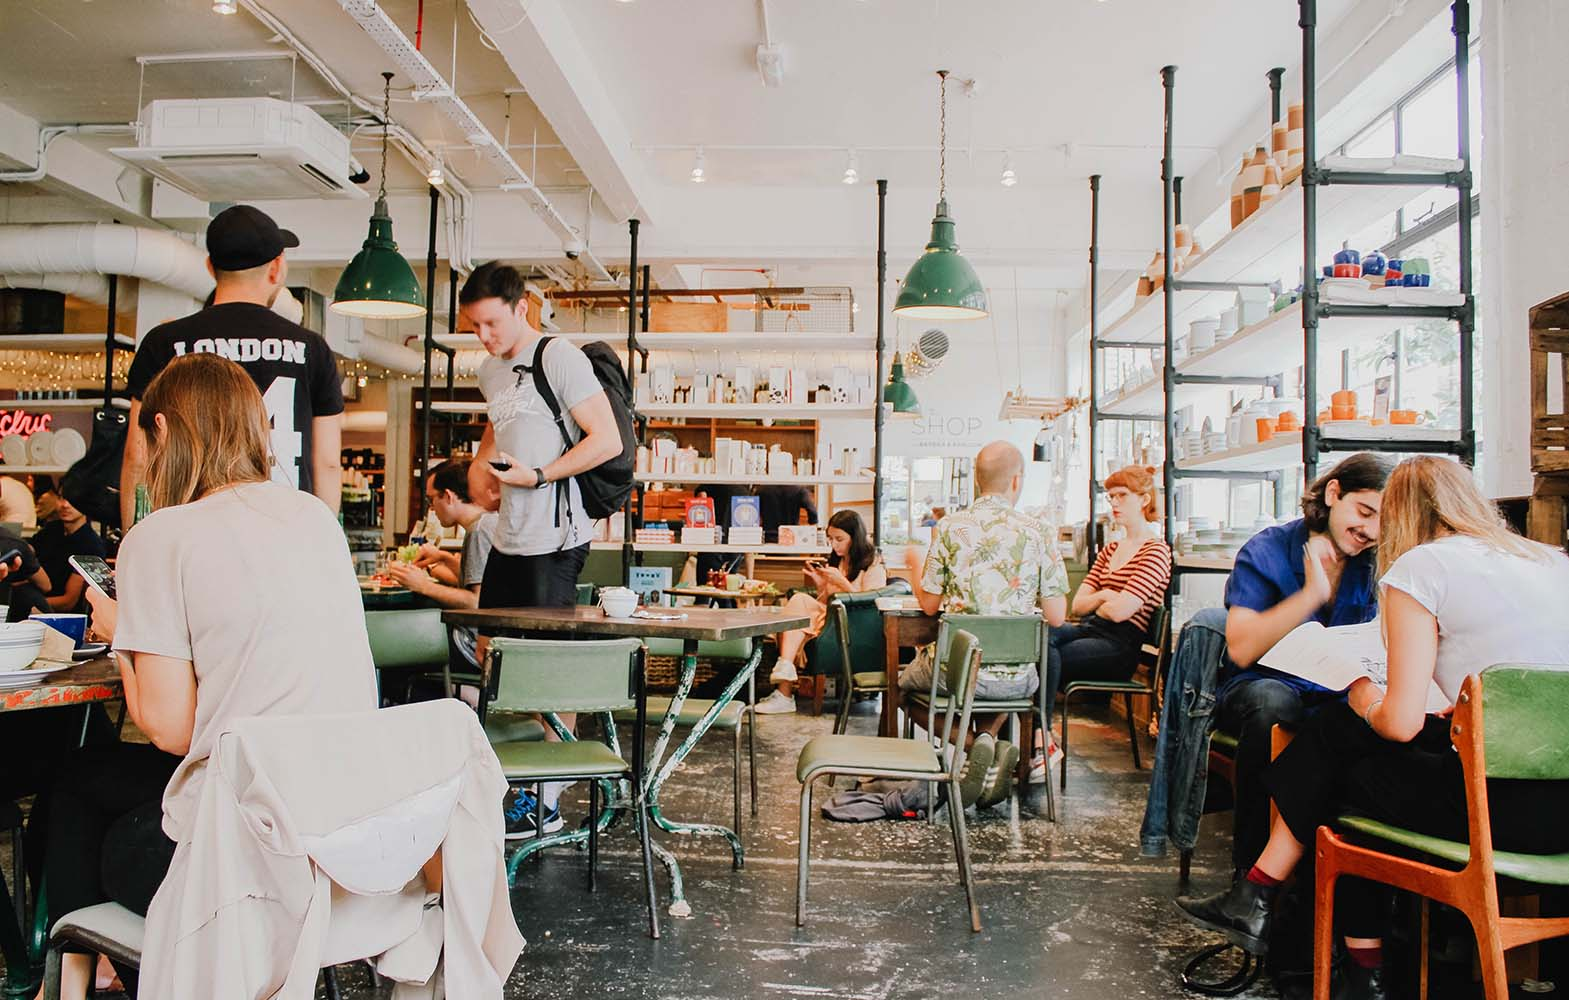 Cari Tempat Nongkrong? Ini 10 Rekomendasi Cafe Murah di Jakarta